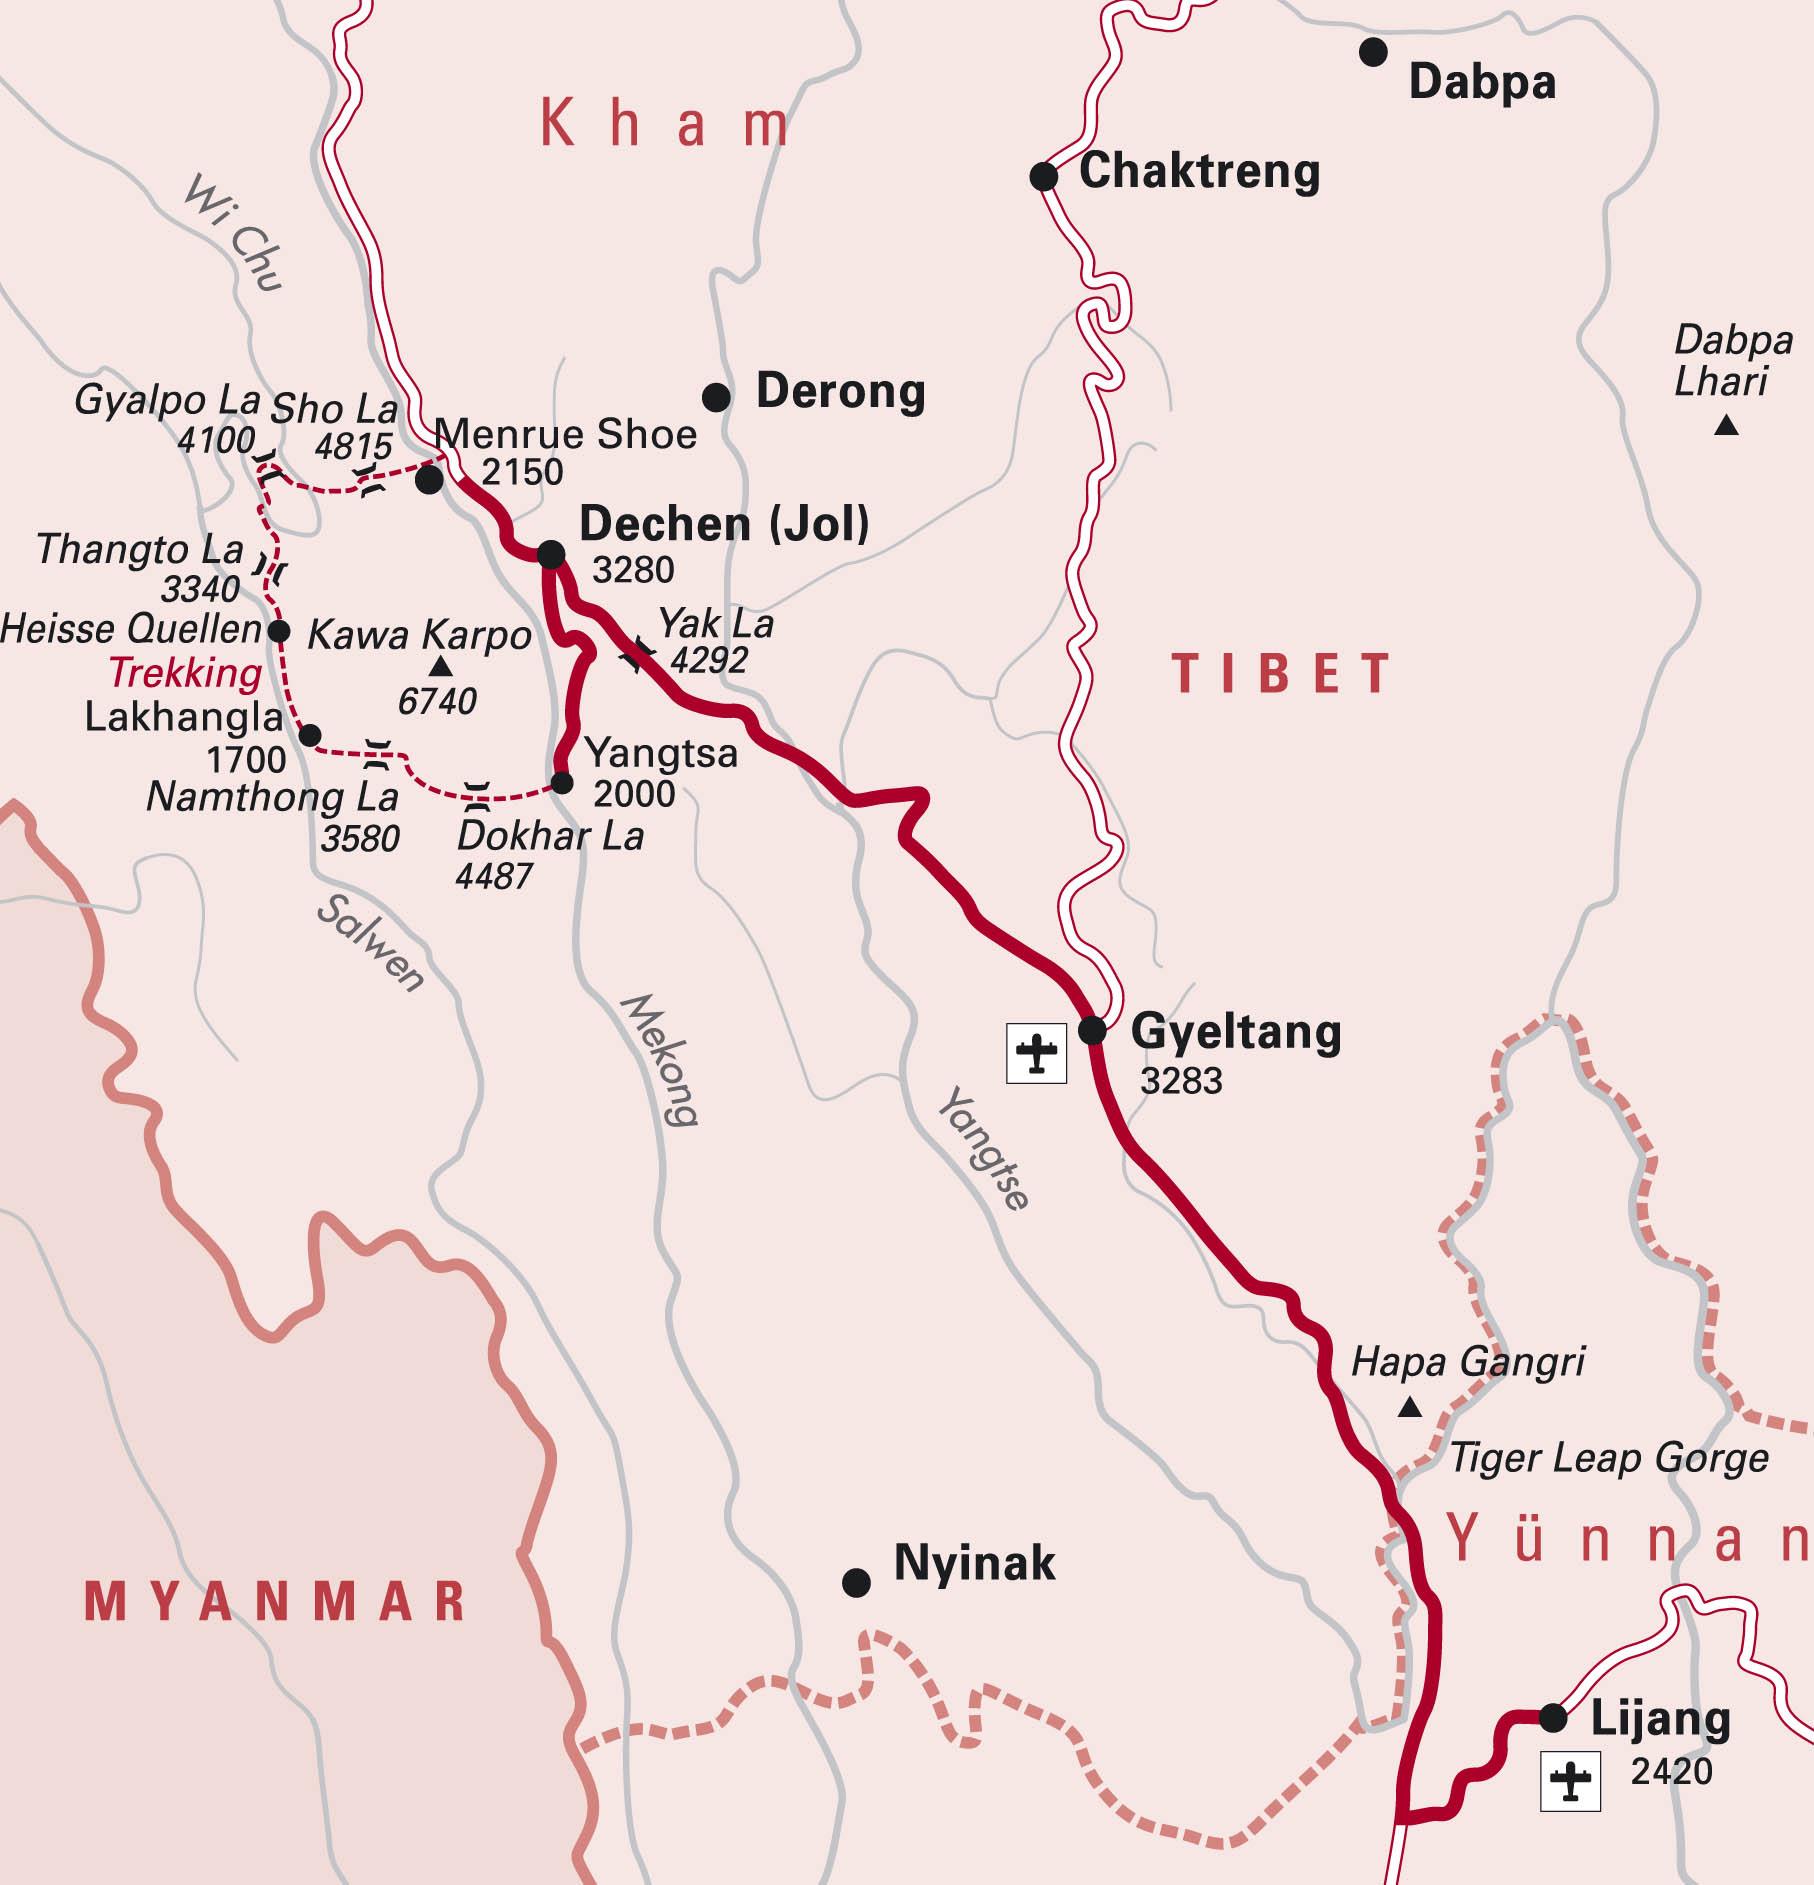 Himalaya Berge Karte.Tctt Himalaya Treking Zum Heiligen Berg Mt Kawa Karpo